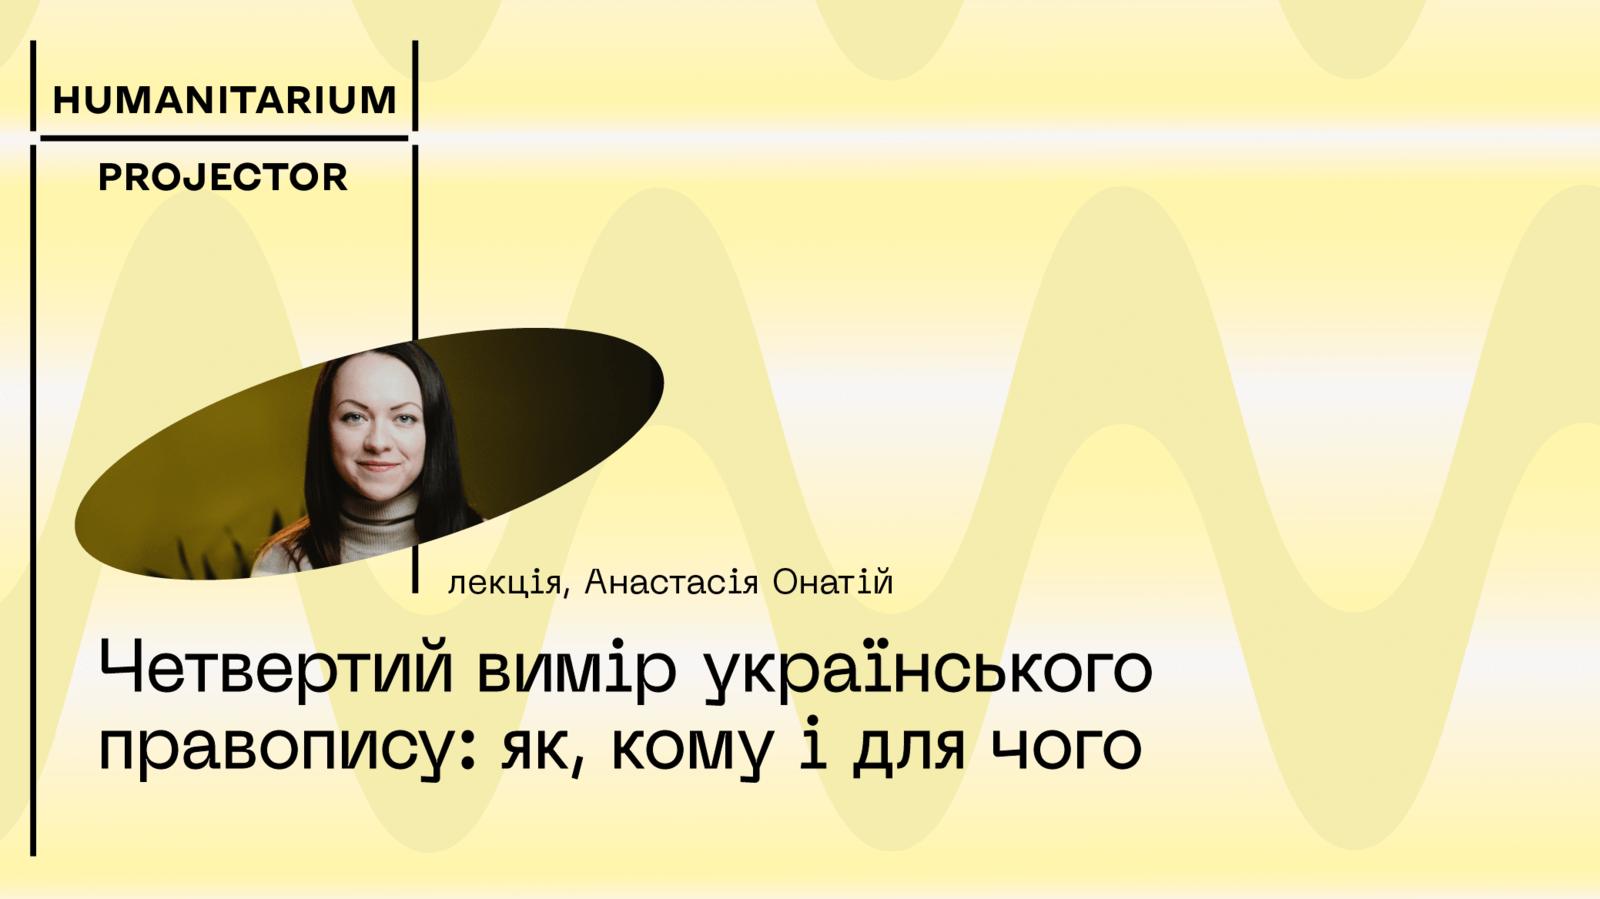 Четвертий вимір українського правопису: як, кому і для чого